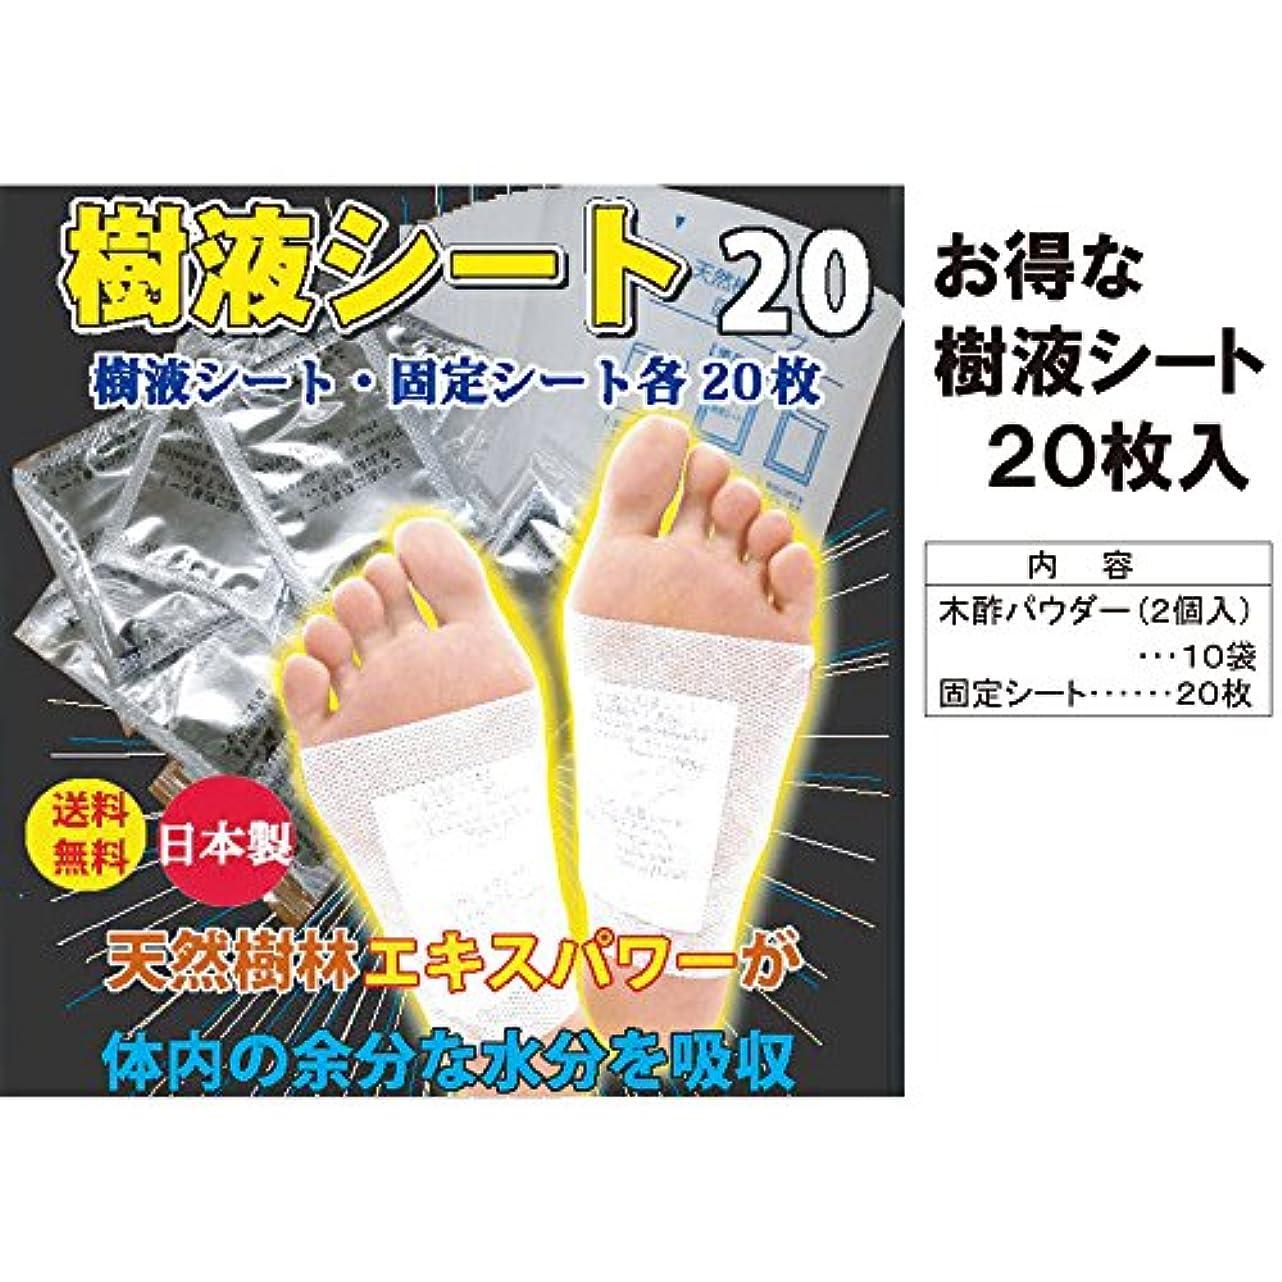 タンザニア軍出くわすM&Sジャパン 日本製 足裏樹液シート 20枚 足裏 シート デトックス お徳用 健康 グッズ 足ツボ